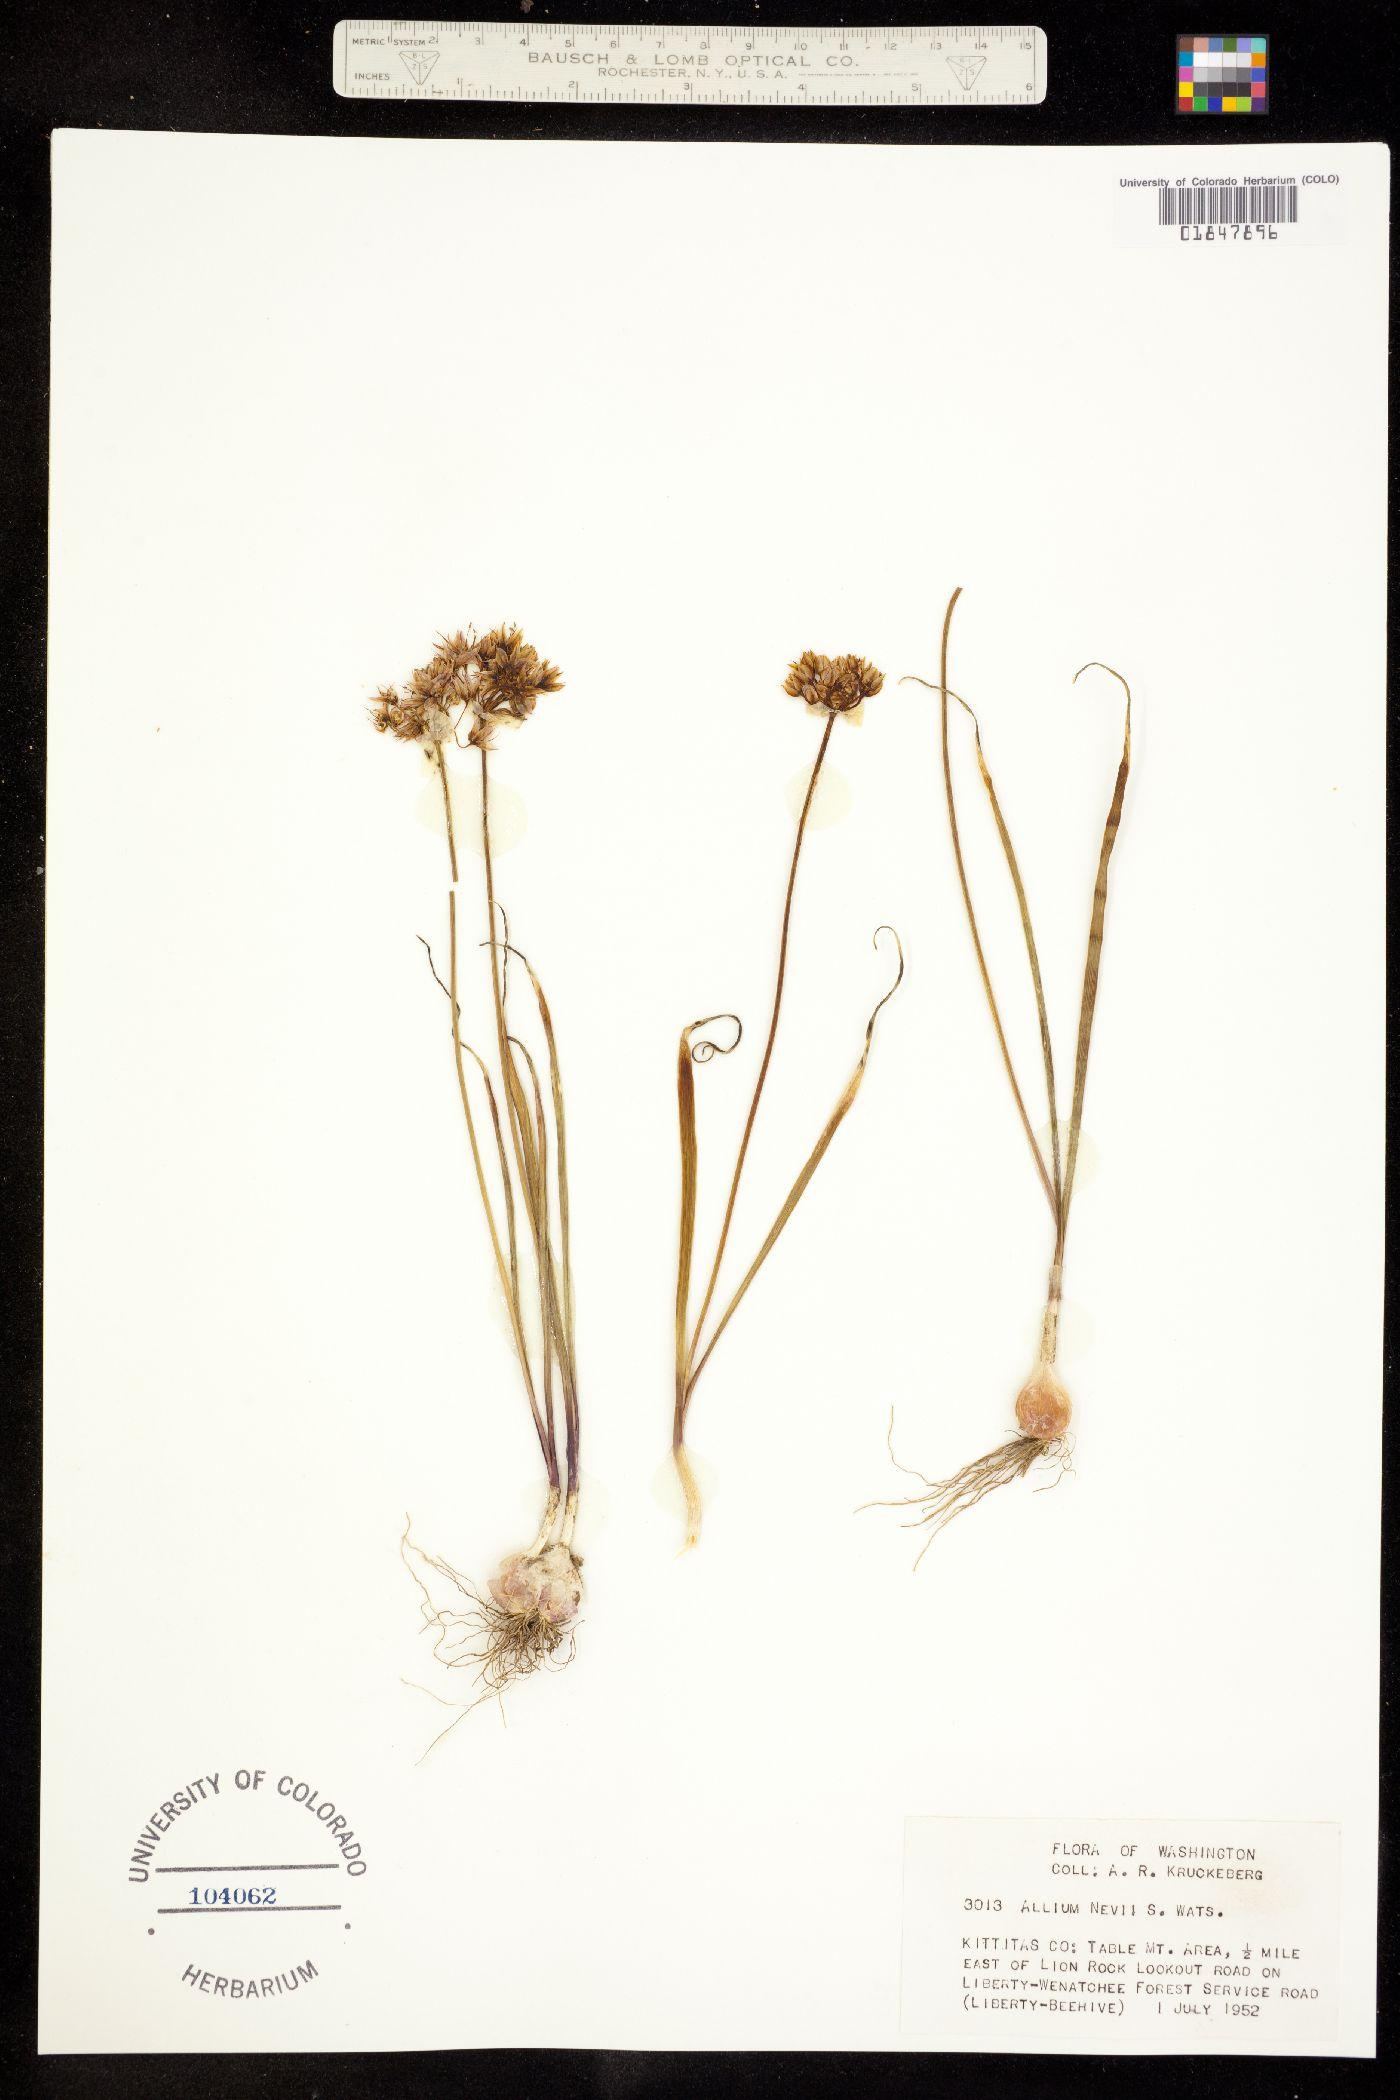 Allium nevii image